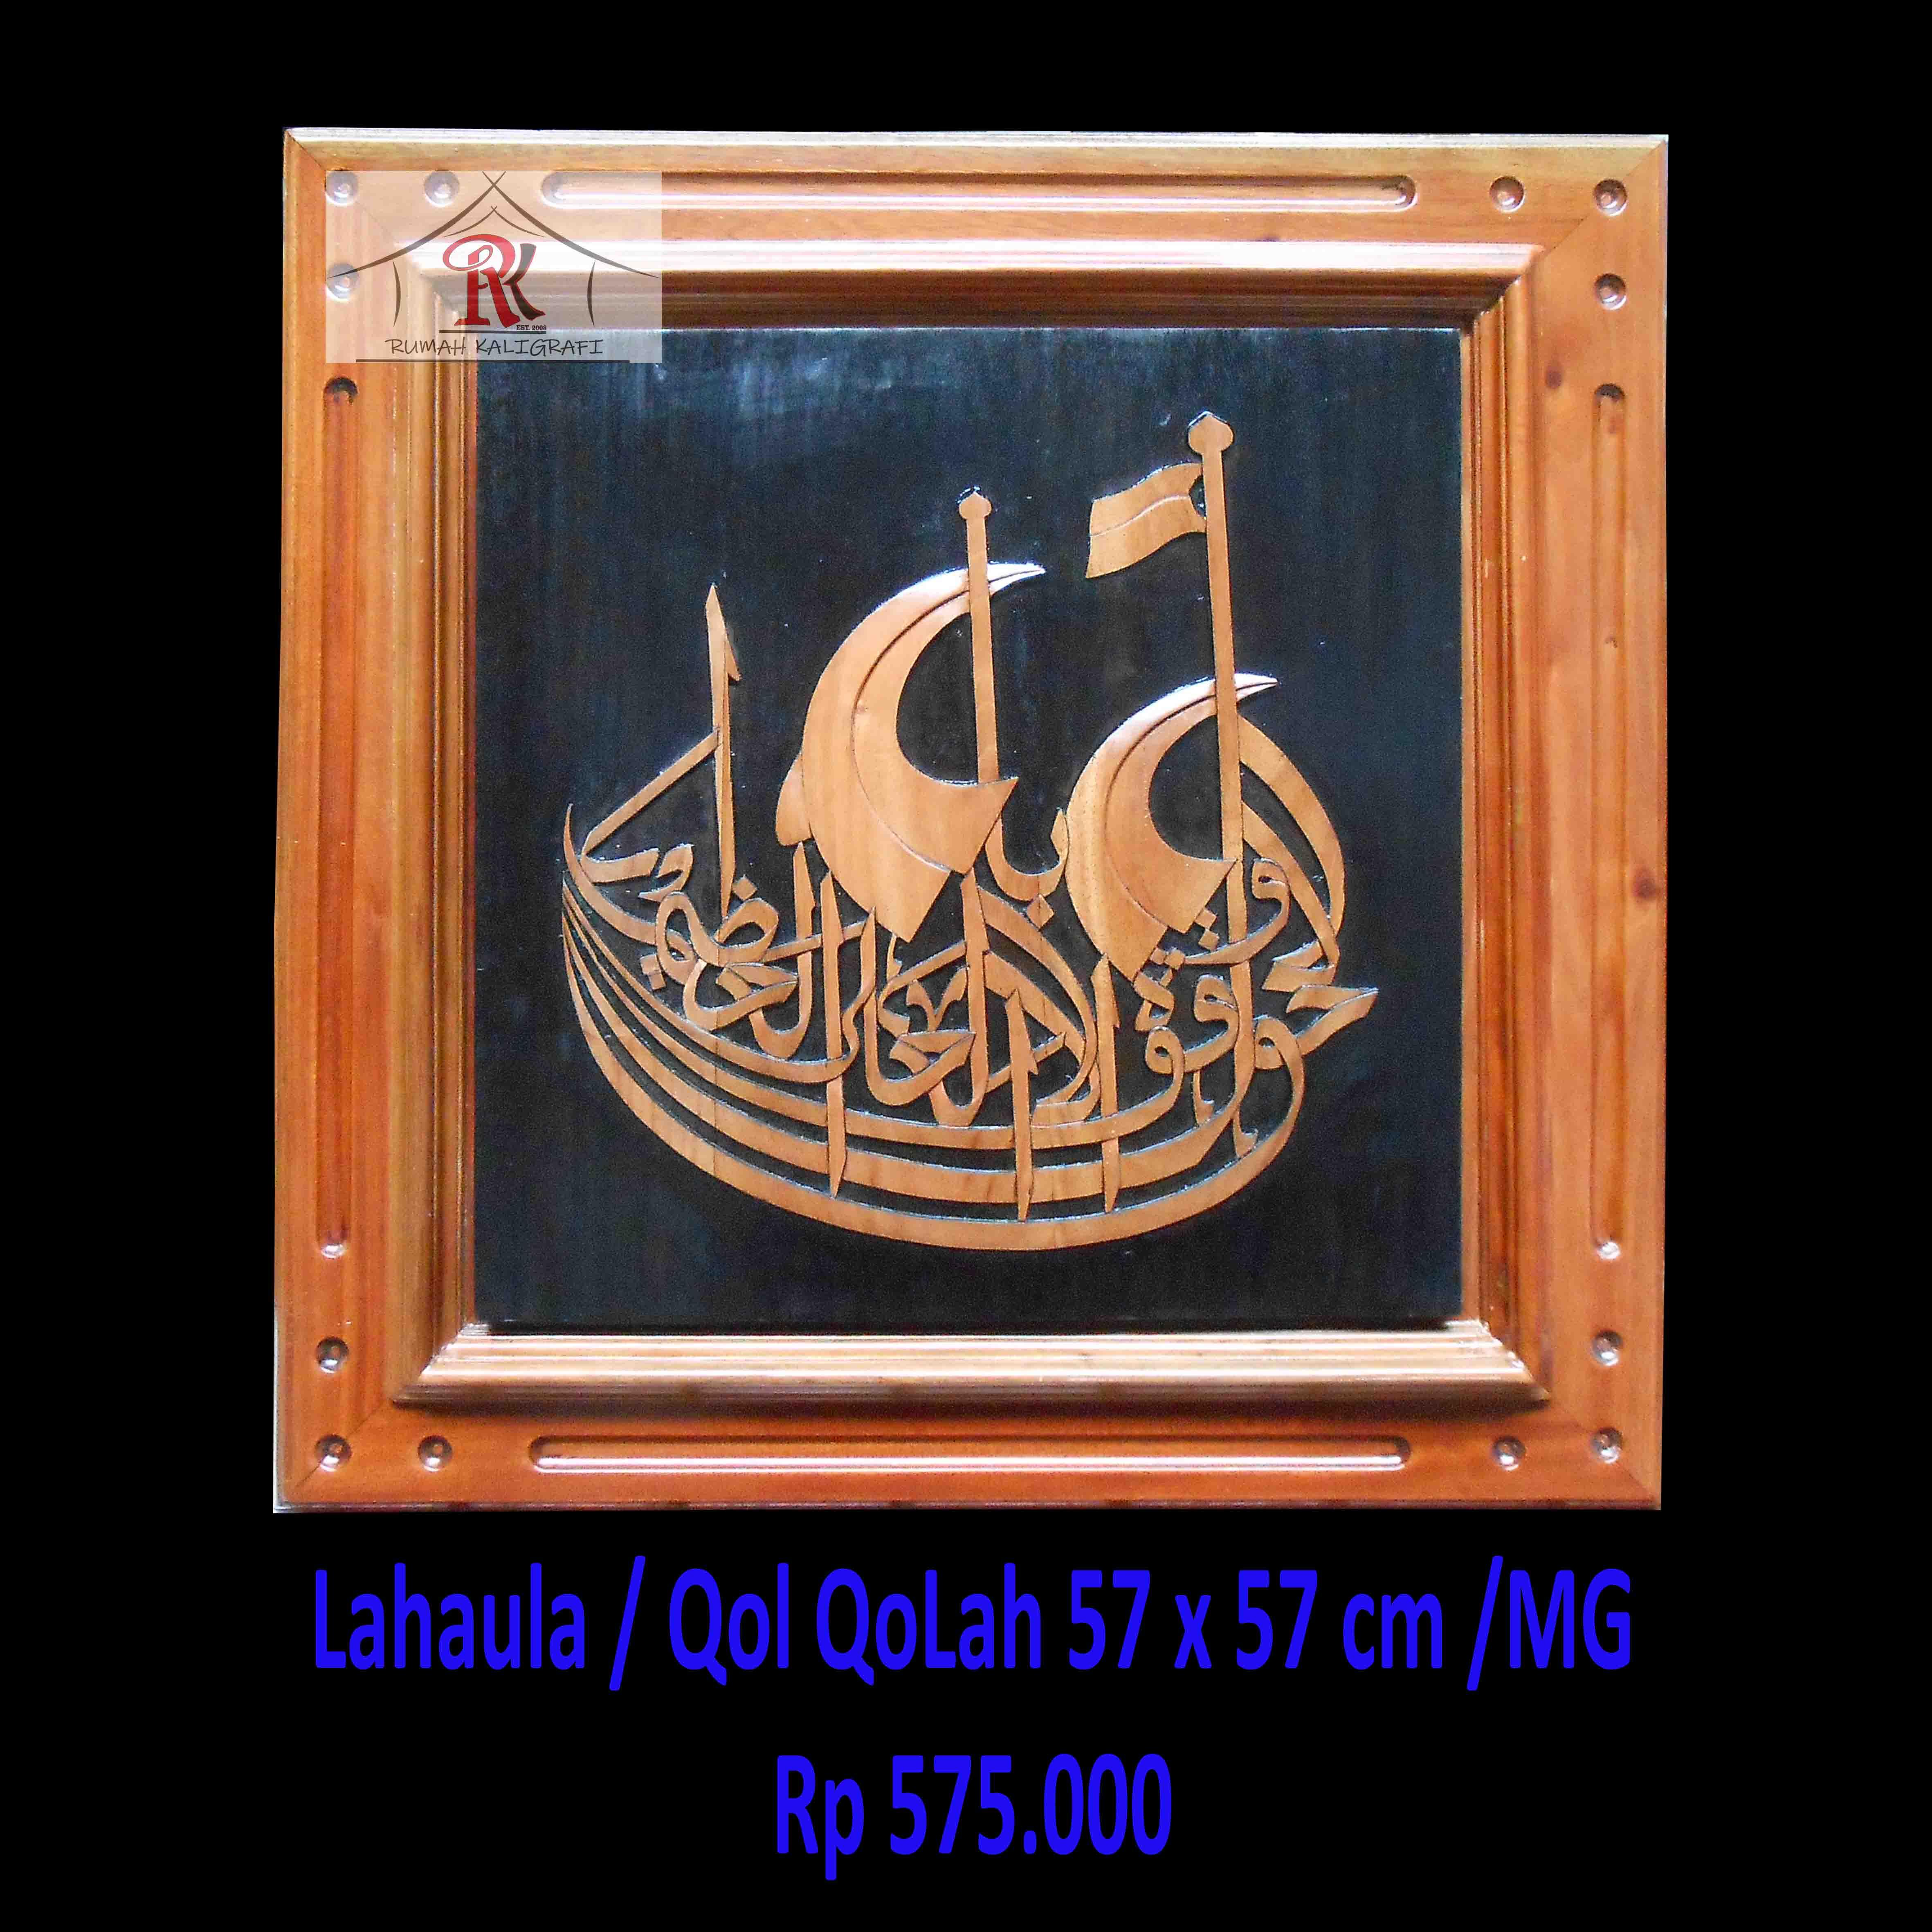 Kaligrafi Jepara, Kaligrafi Lahaula Ukir Model 7